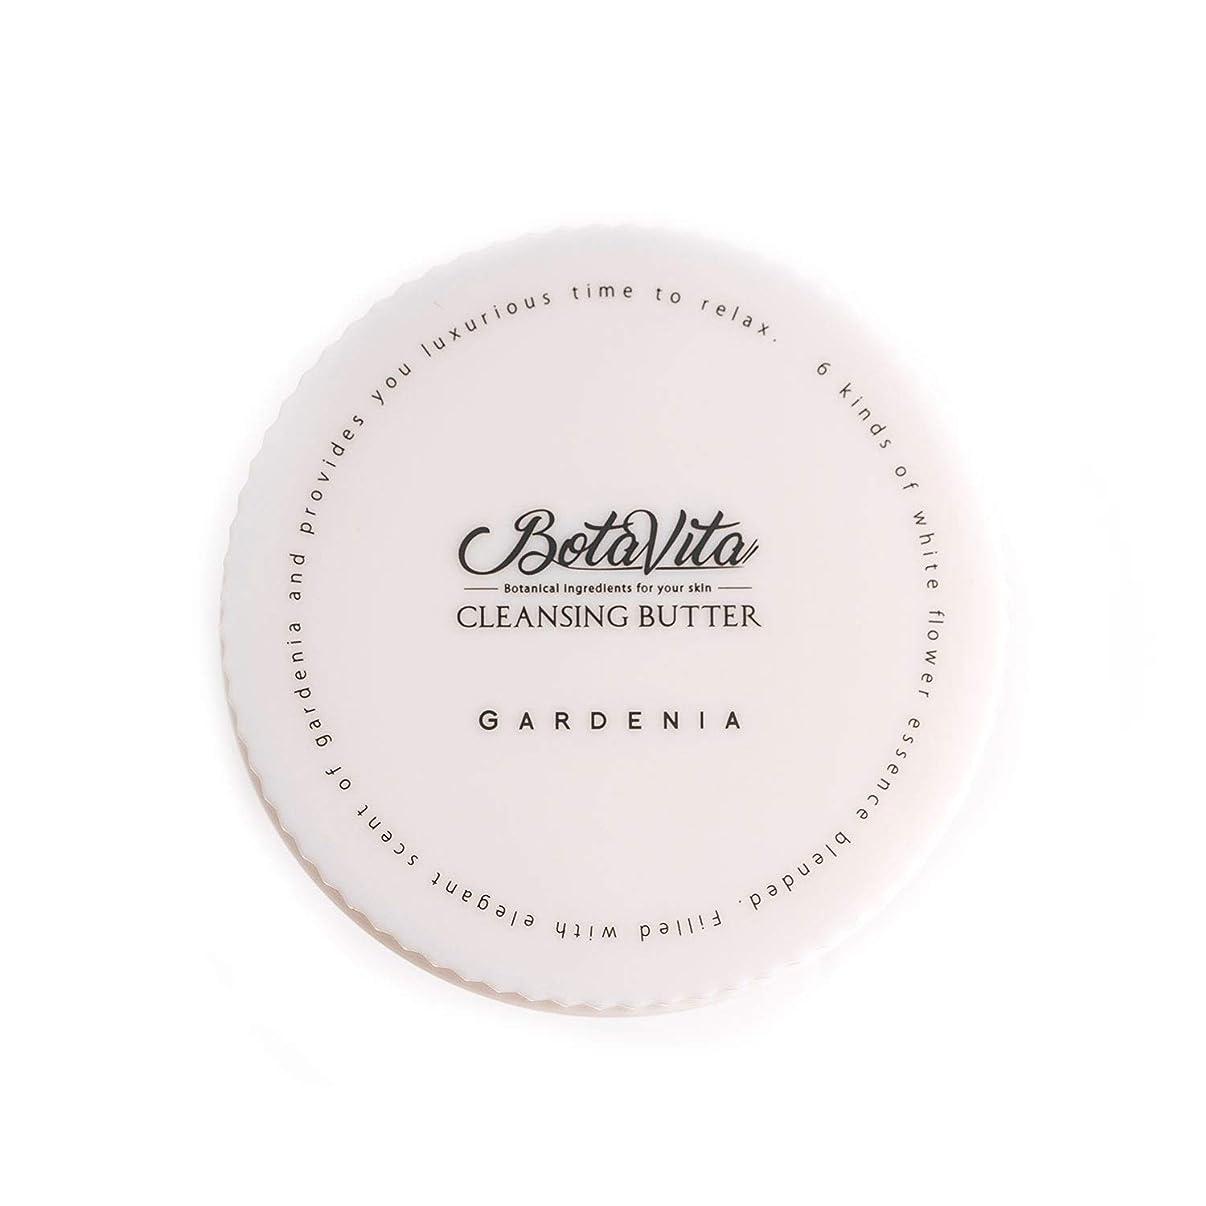 ヒューバートハドソンクリエイティブ付き添い人BotaVita ボタヴィータ クレンジングバター (ガーデニア) 80g 約40日分 ダブル洗顔不要  マツエクOK 保湿ケア 毛穴汚れオフ